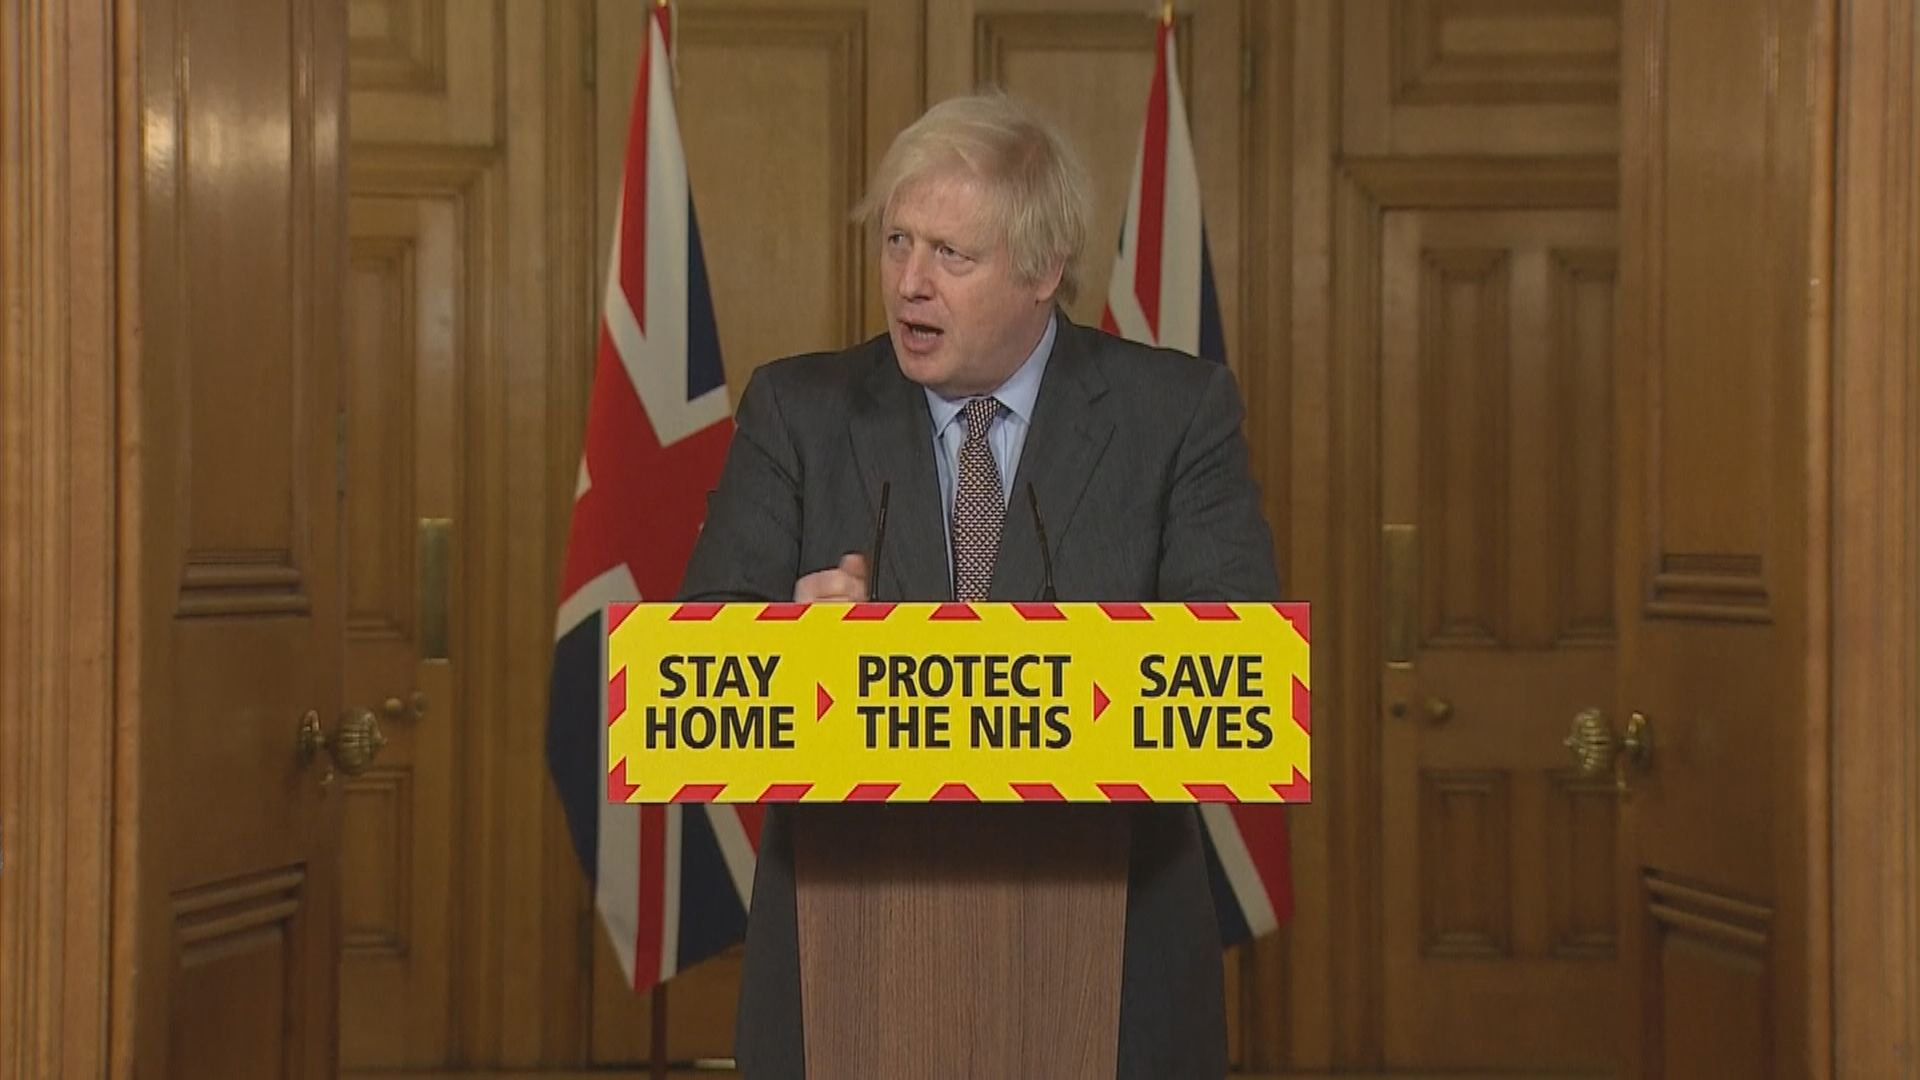 英揆稱正考慮放寬防疫措施 英格蘭學校有望下月重開